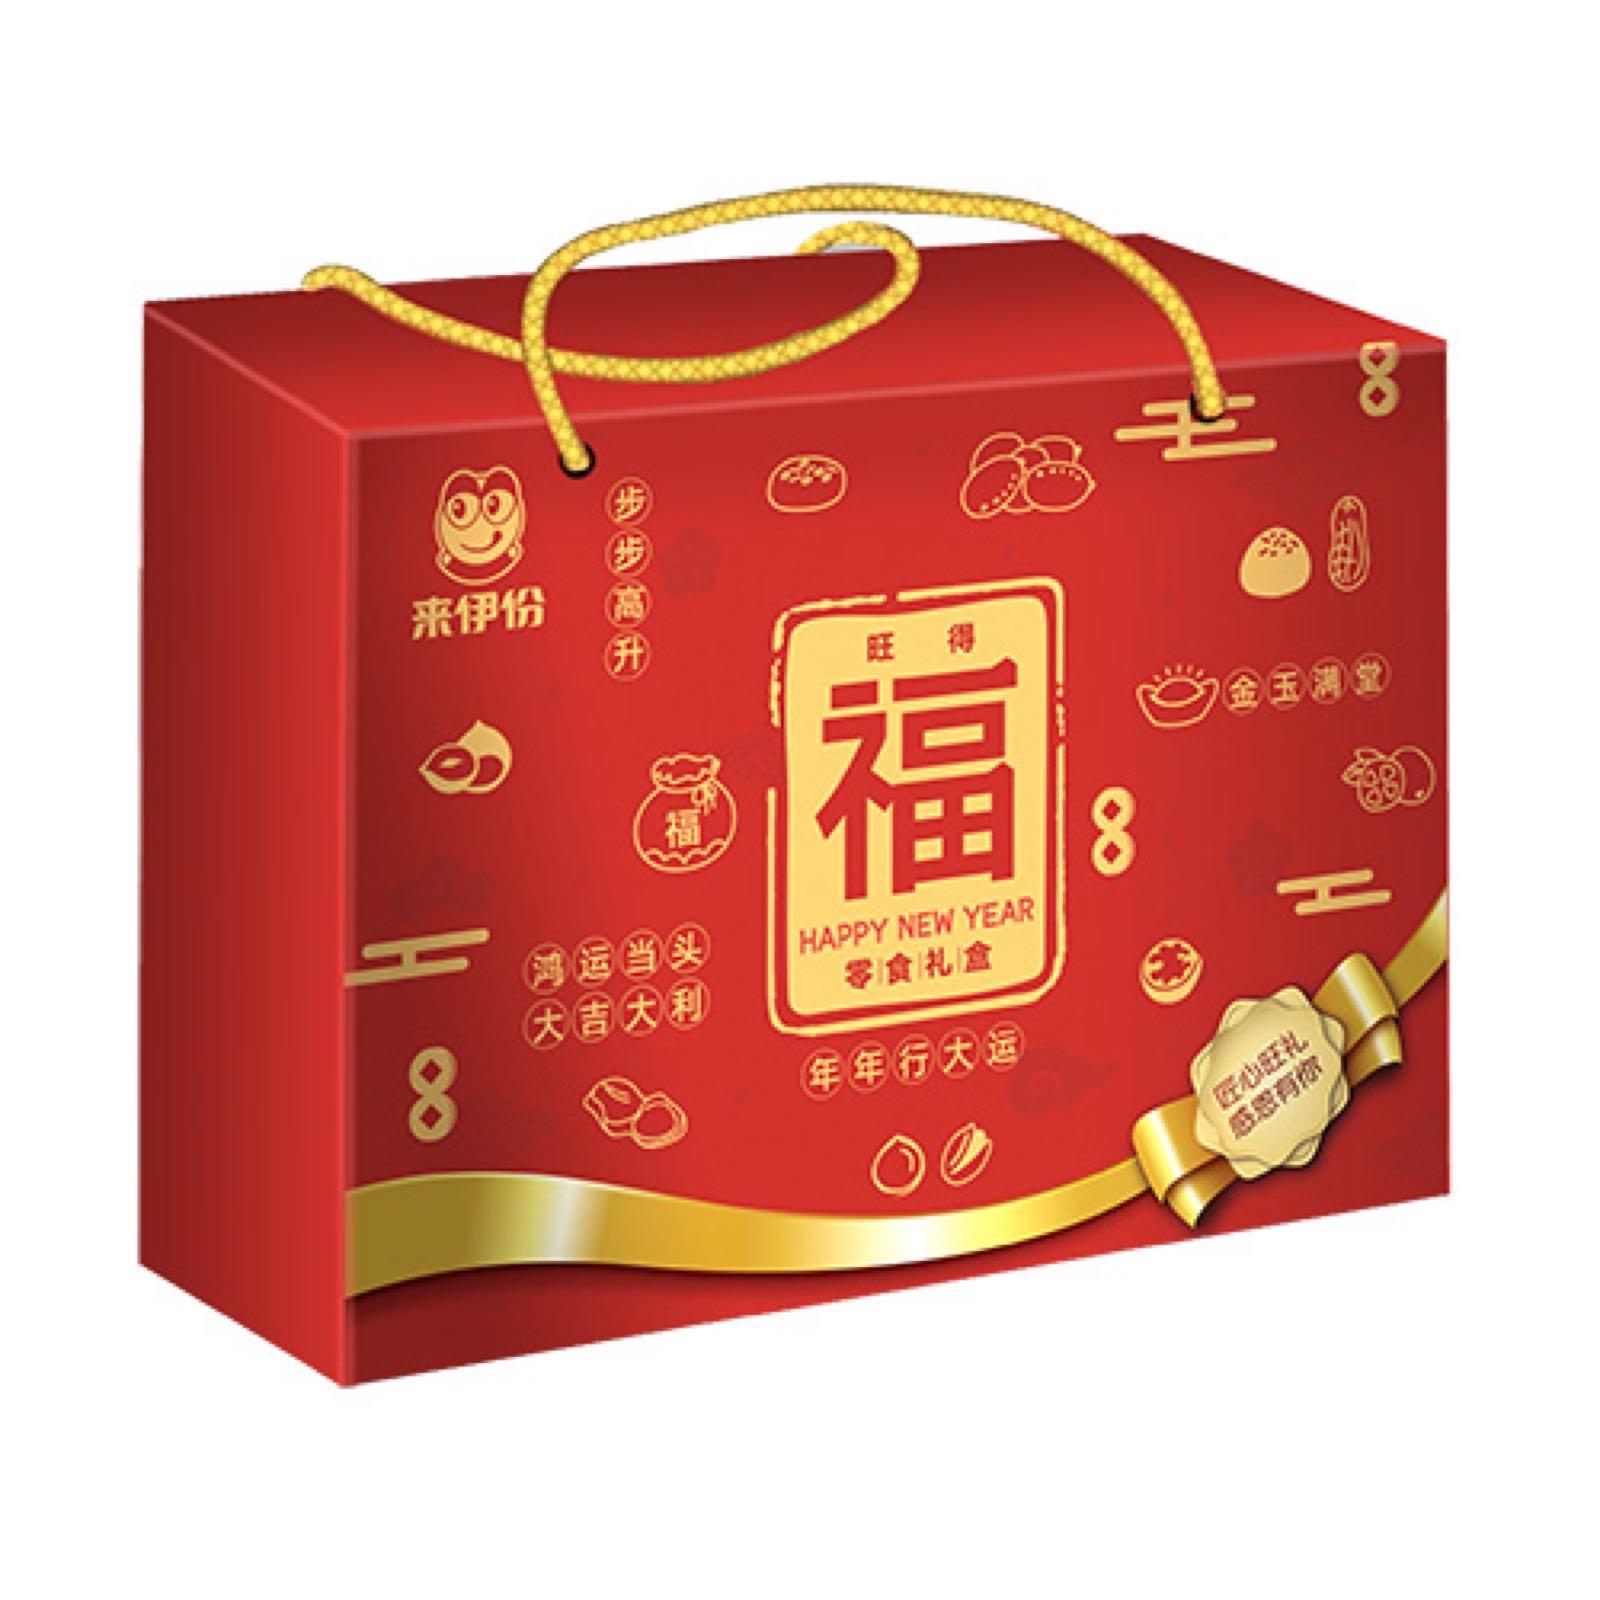 来伊份2019年春节礼盒(福)